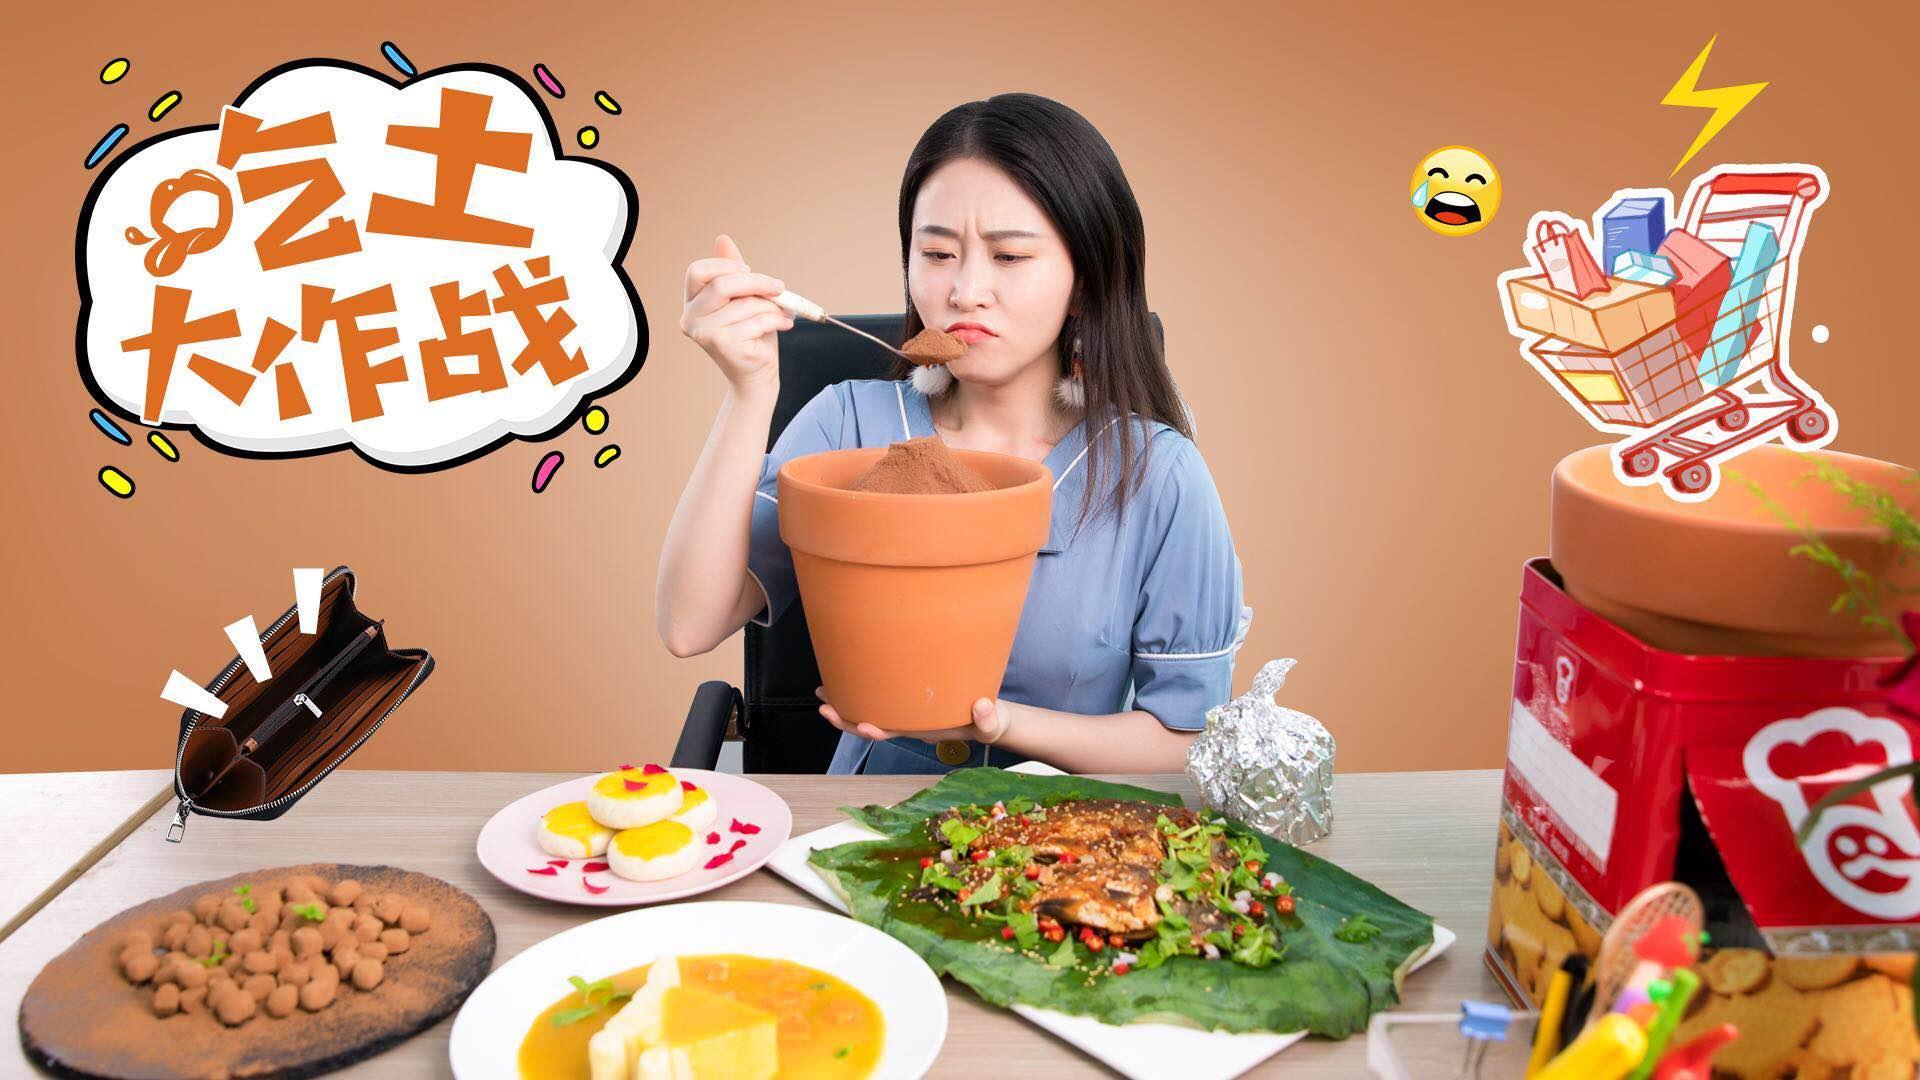 办公室小野吃土大作战,1盆土做出4道菜,吃土也有仪式感!